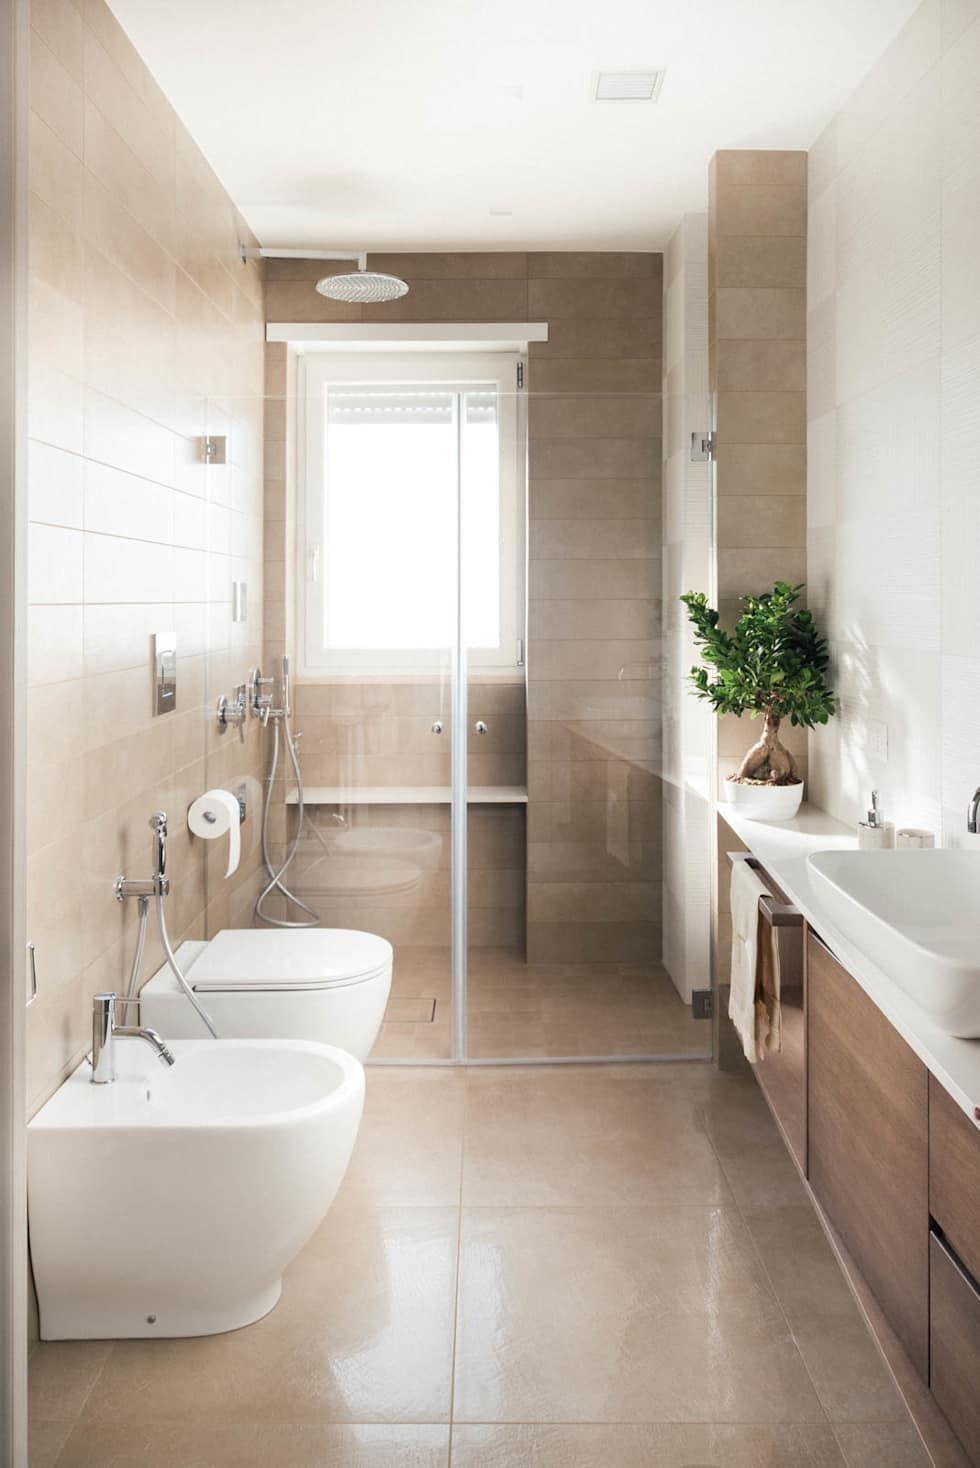 Bagno moderno interior design idee e foto l nel 2019 for Ristrutturazione fai da te